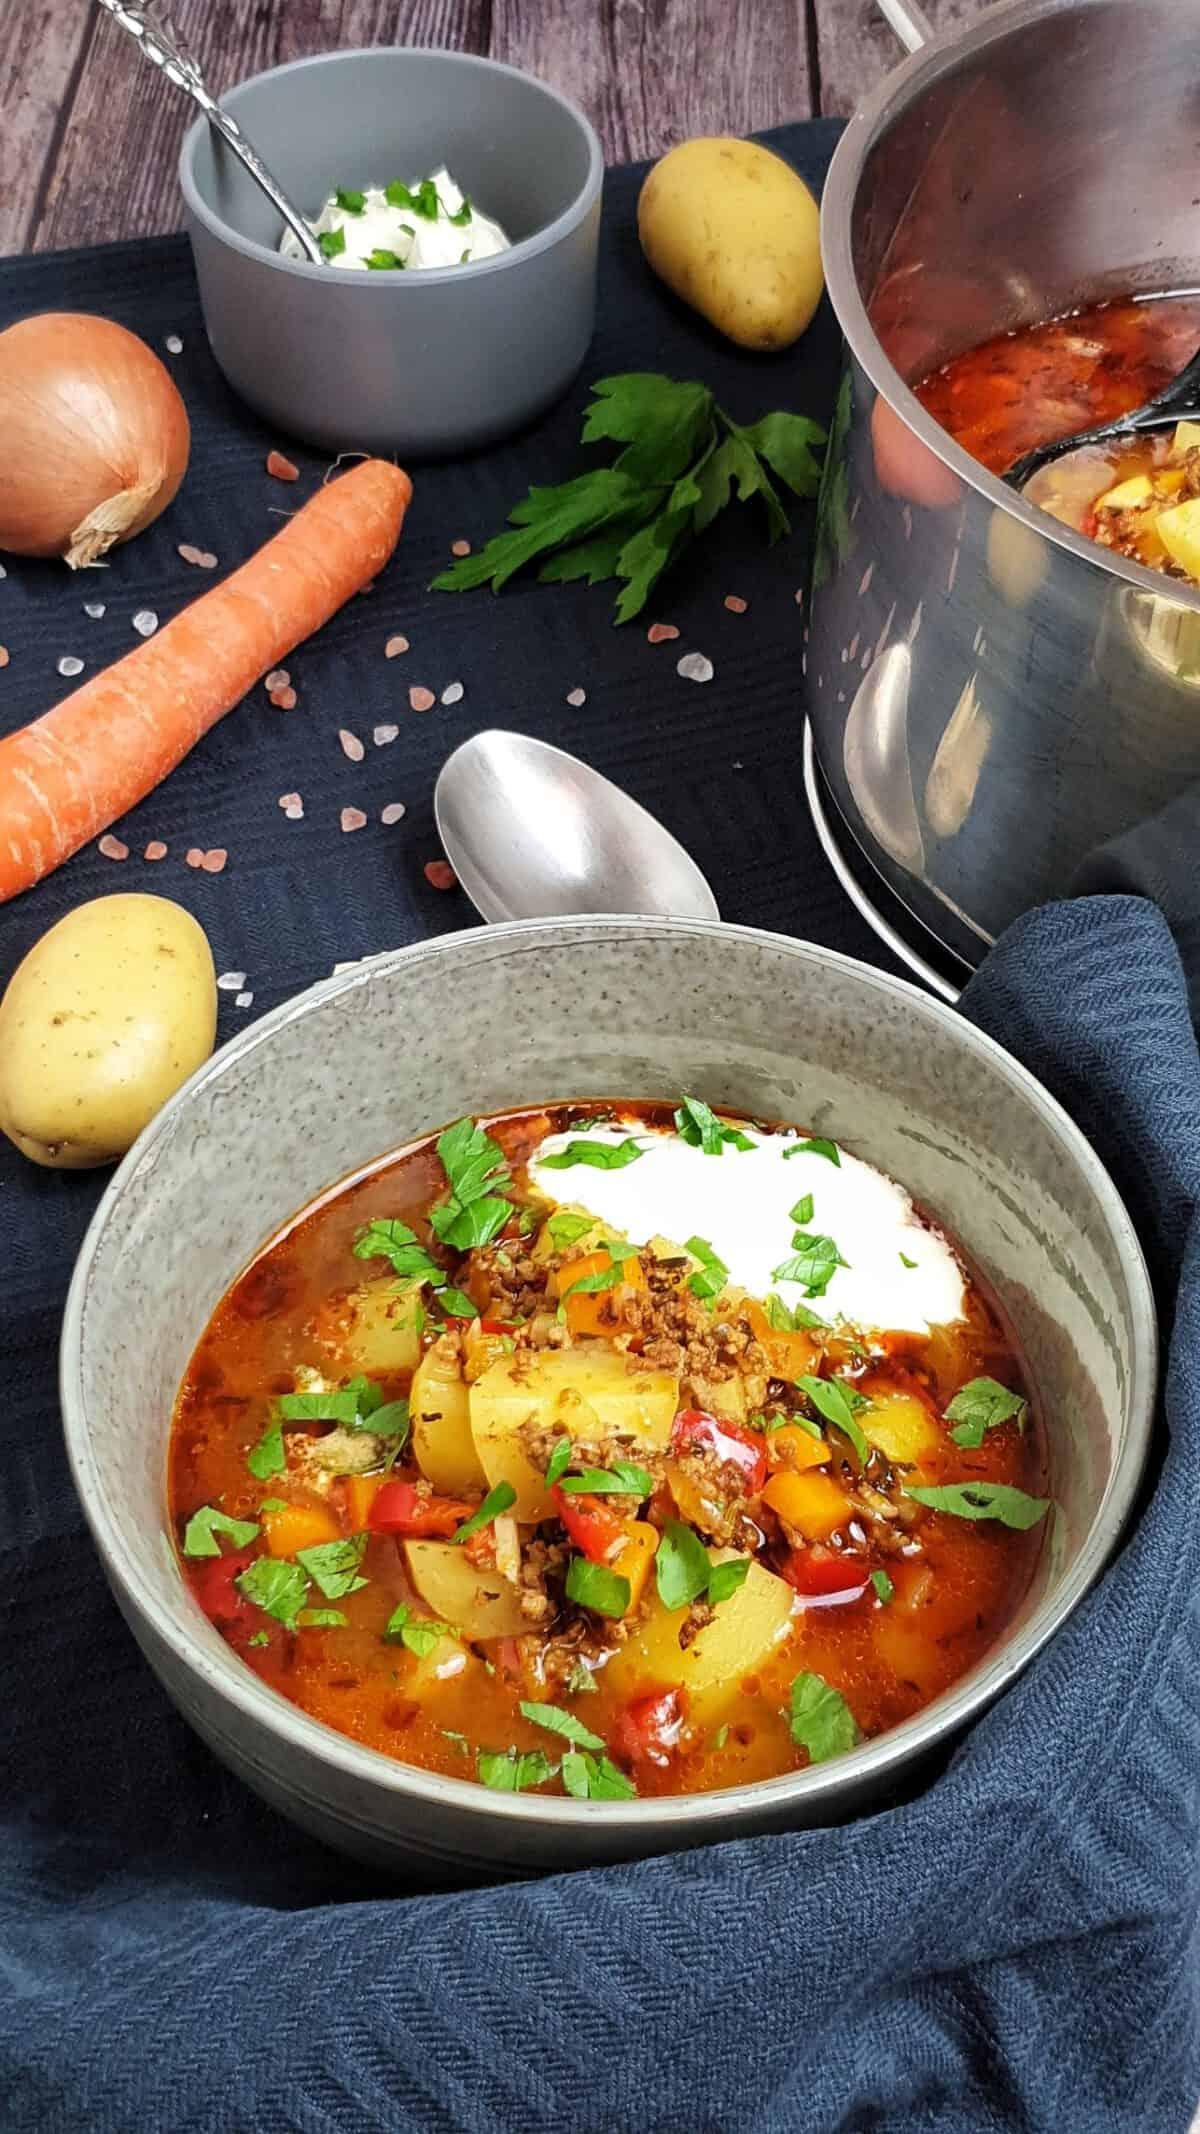 In einer grauen Schale angerichtet Eintopf Hack und Gemüse serviert mit einem Klecks Crème fraîche.